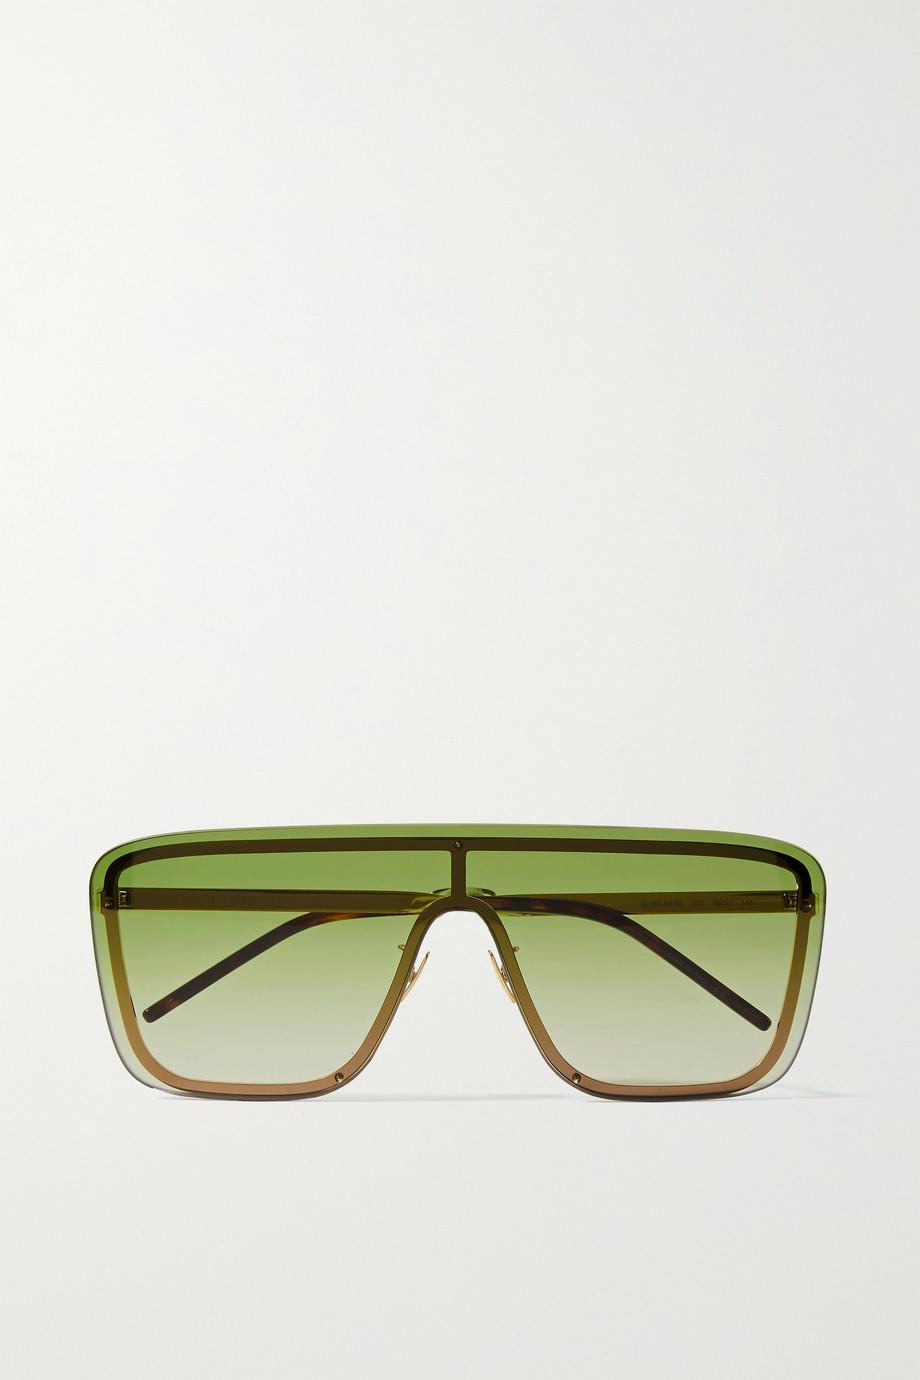 SAINT LAURENT Goldfarbene Sonnenbrille mit D-Rahmen